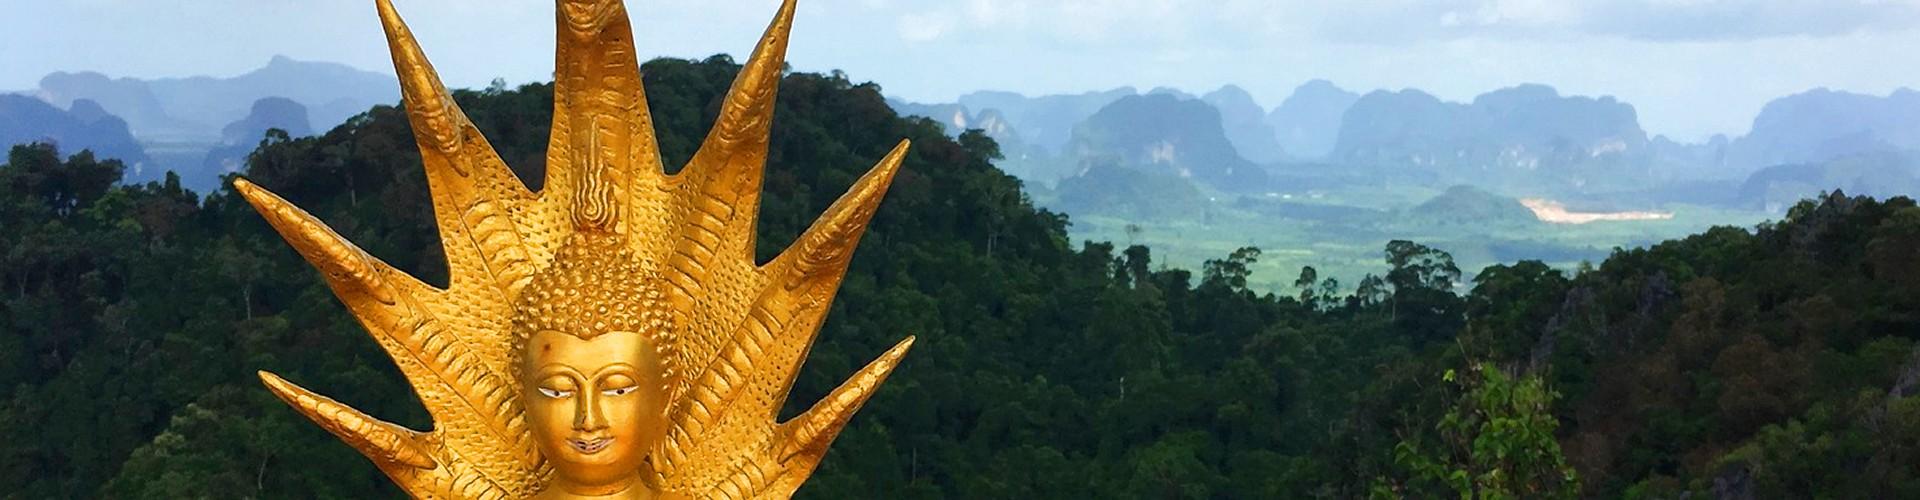 Thailand im November – Reisetipps für Krabi und Phuket